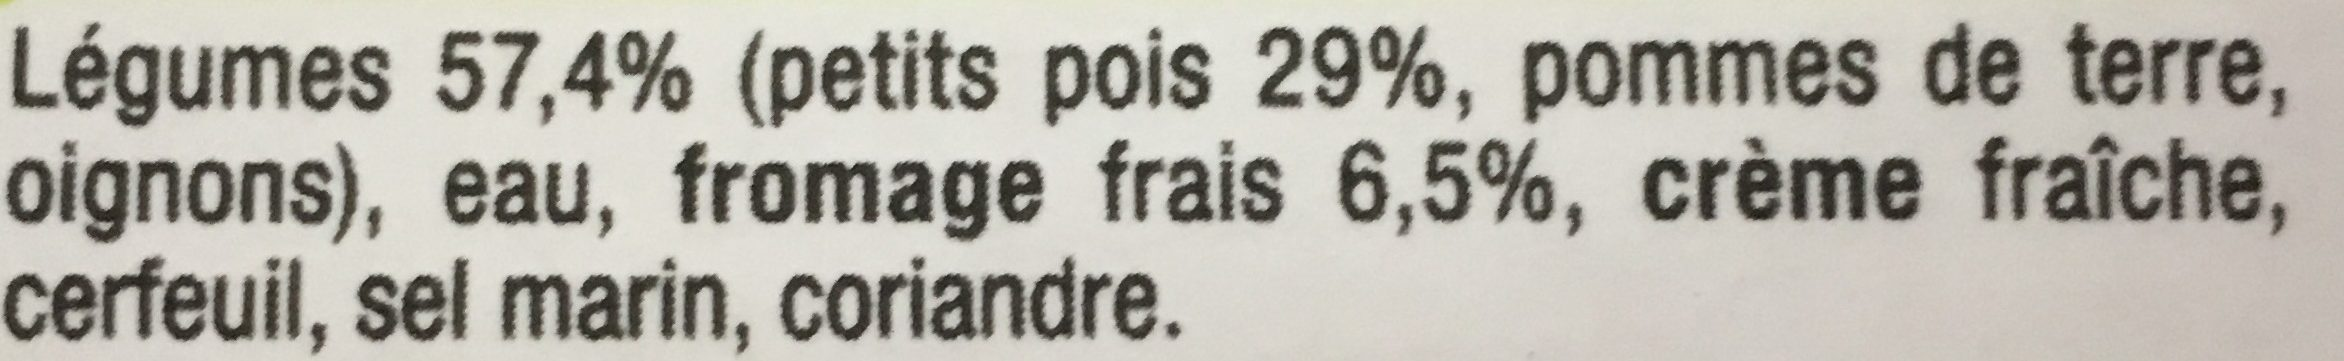 Soupe Petit Pois Fromage Frais - Ingrédients